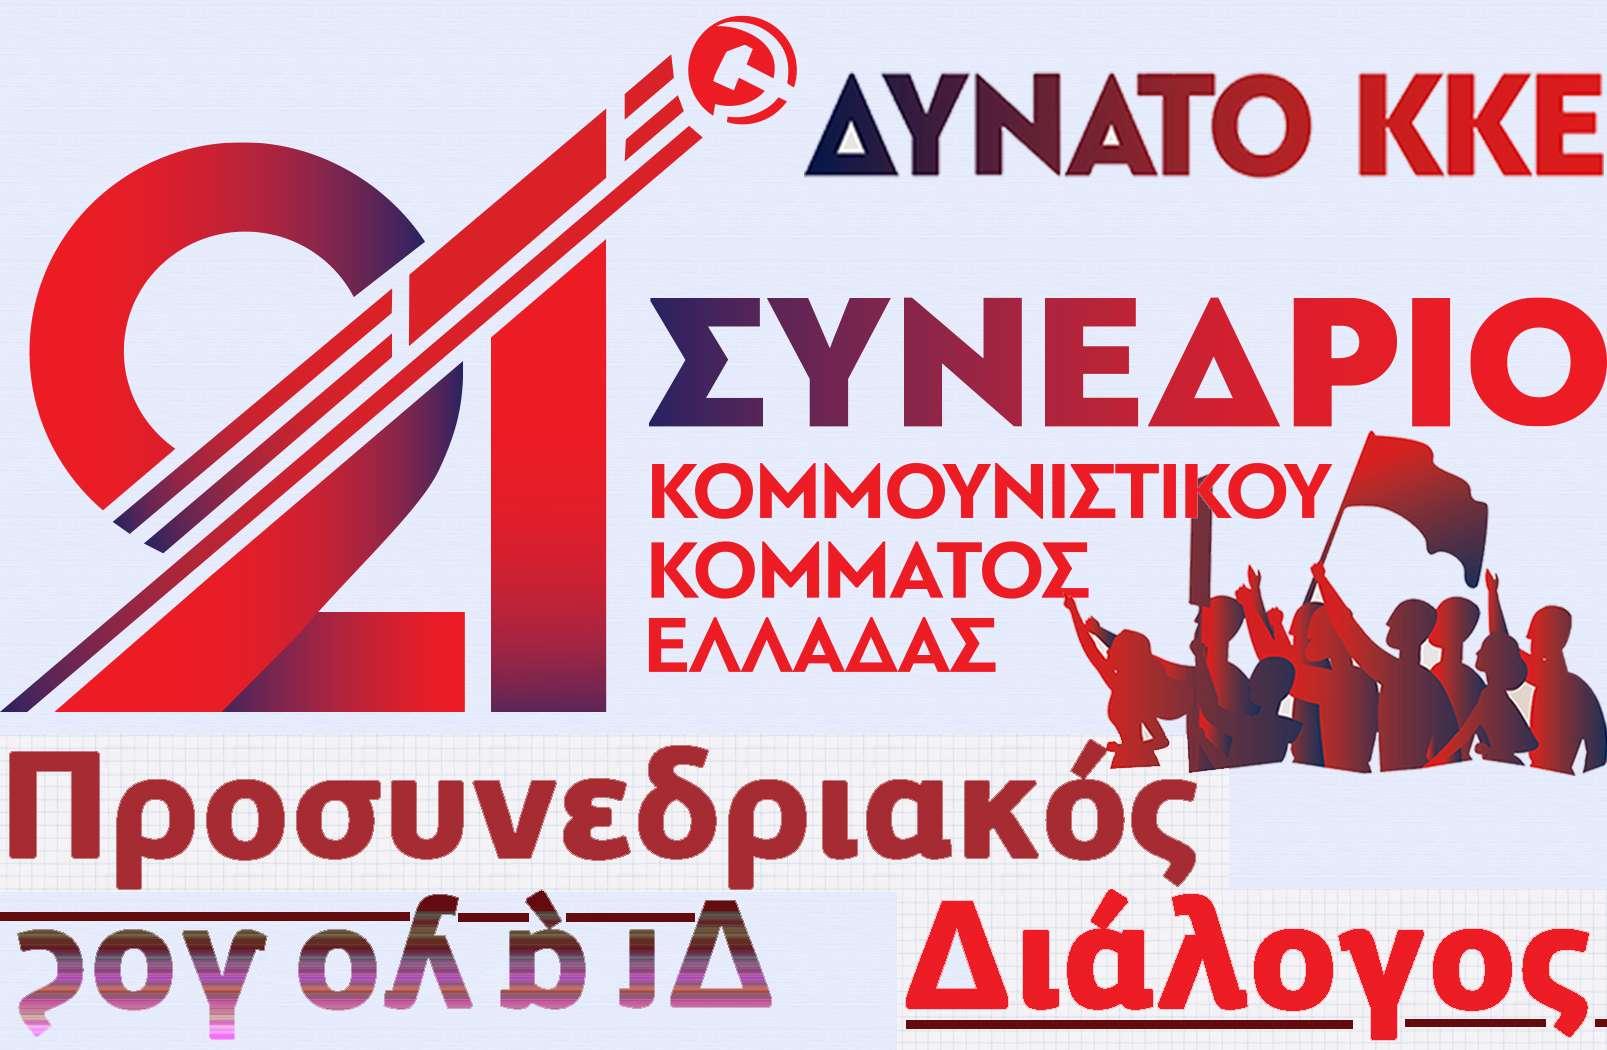 ΚΚΕ-KKE 21ο Συνέδριο Προσυνεδριακός Διάλογος